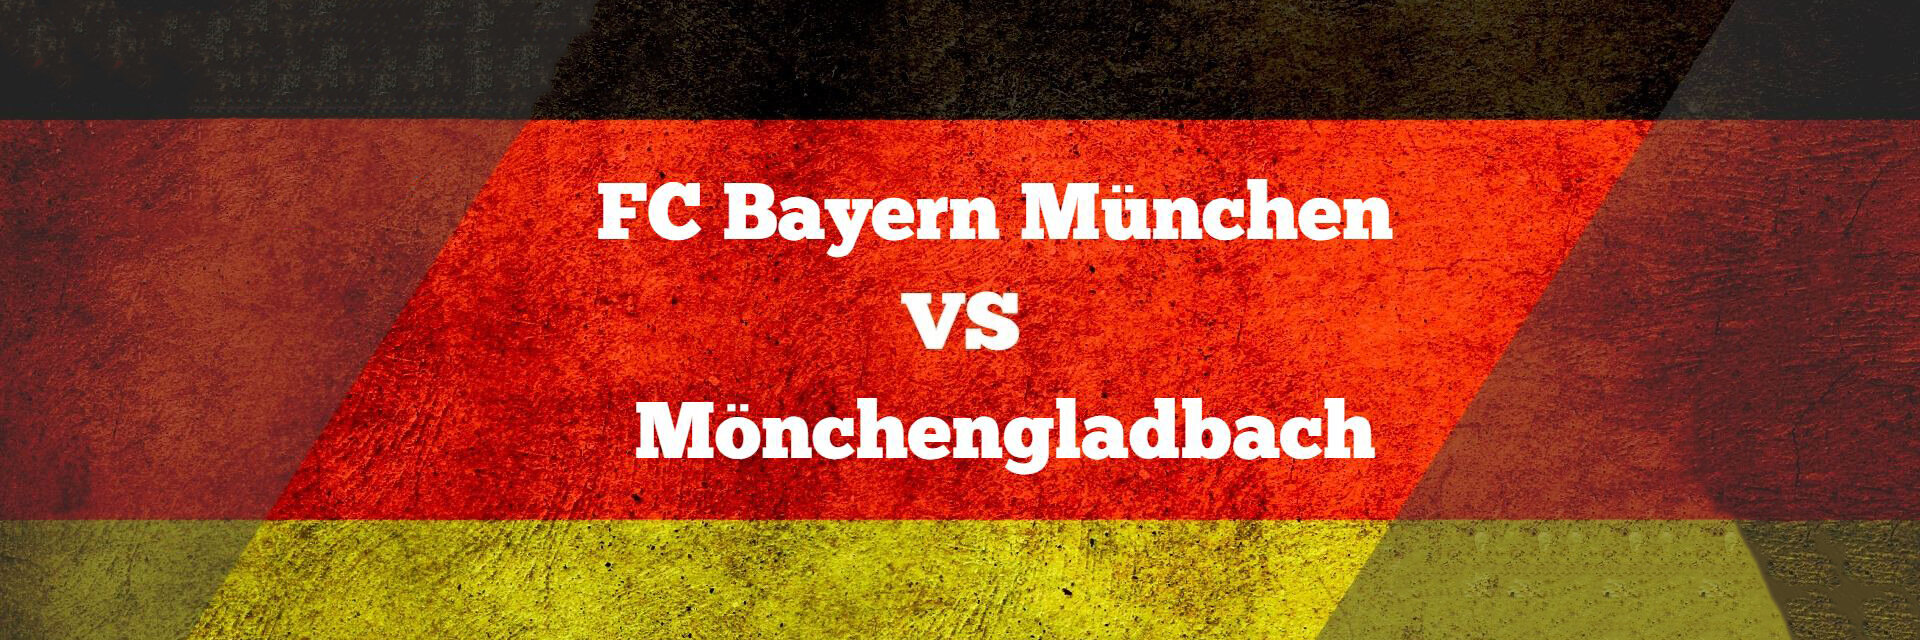 Bundesliga Monchengladbach Vs Bayern Matchday 31